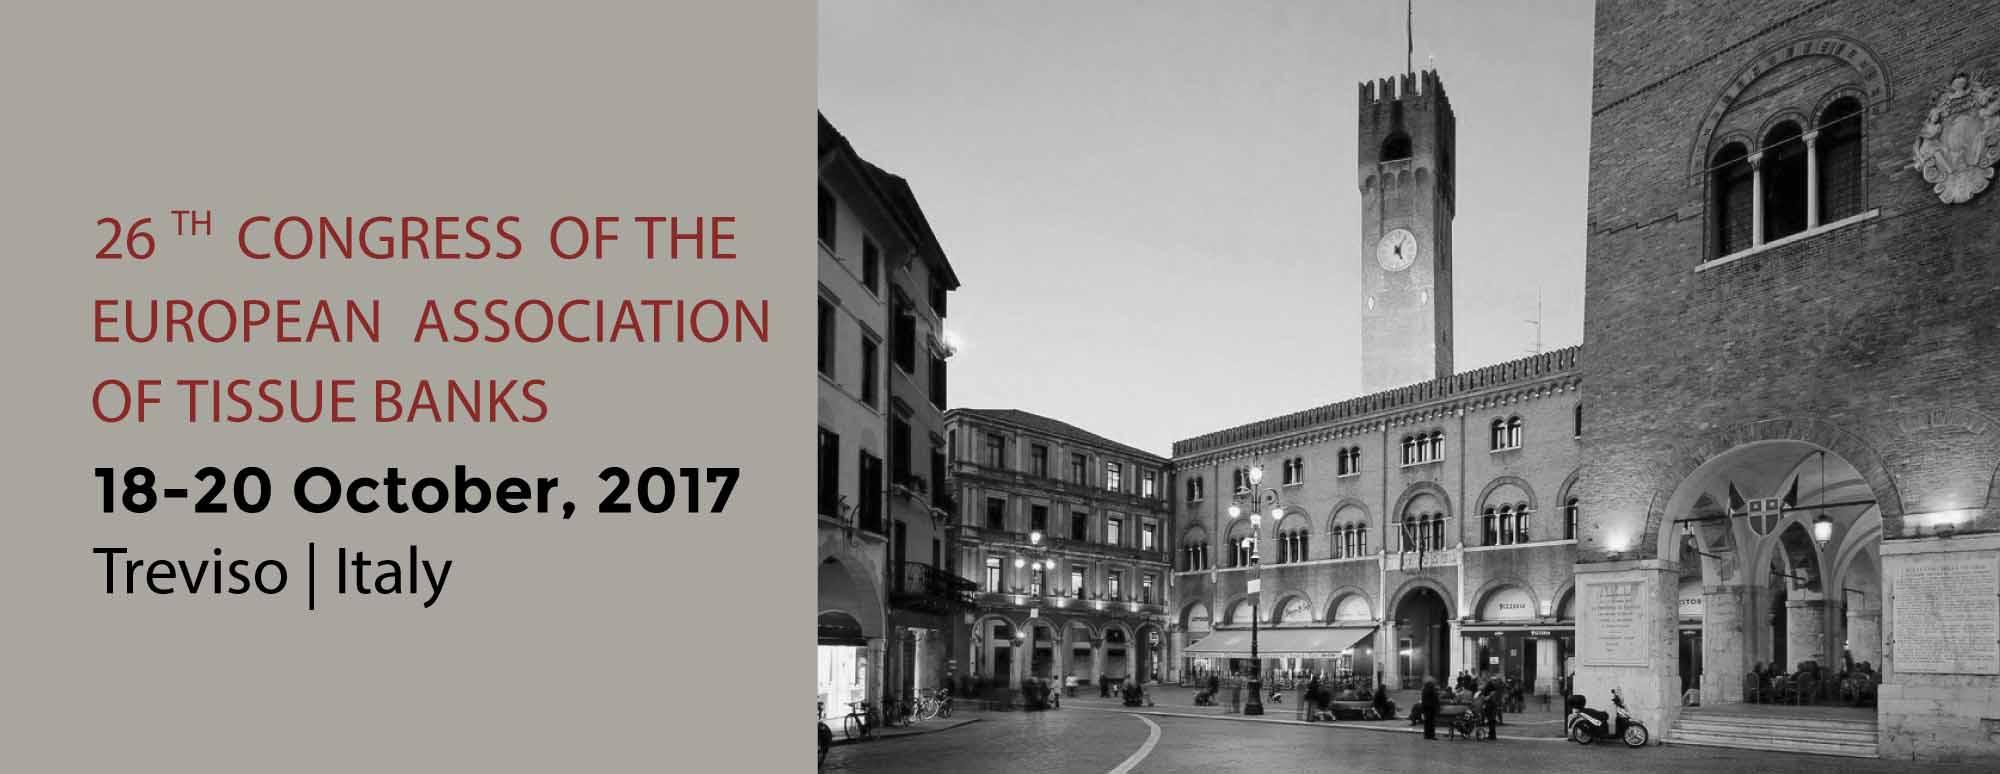 26° Congresso dell'Associazione Europea delle Banca dei Tessuti